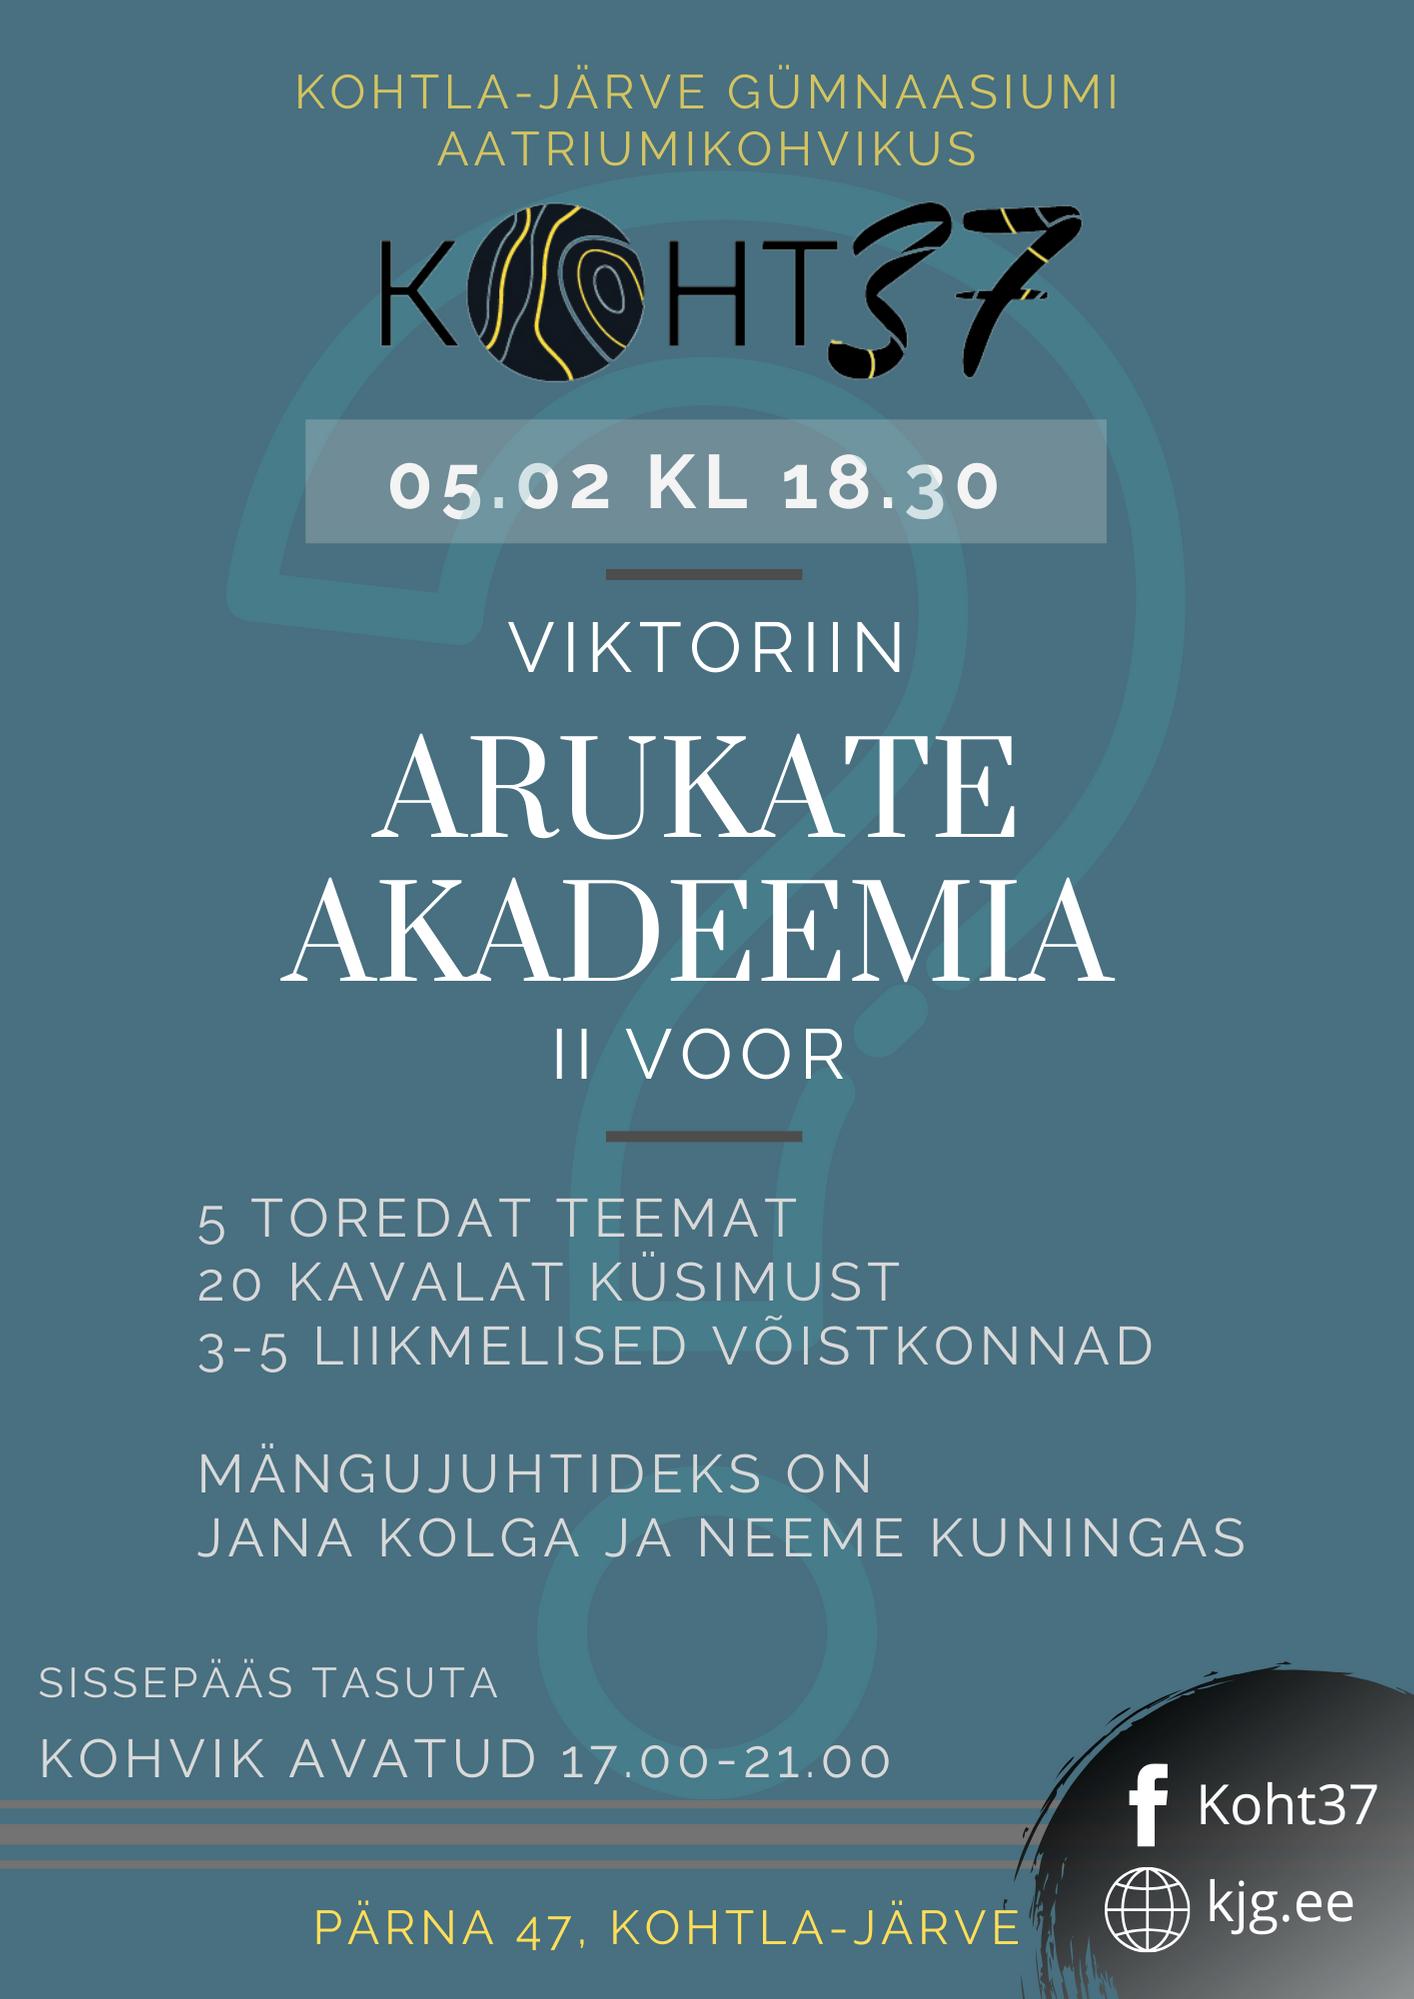 KOHT37: Viktoriiniturniir Arukate Akadeemia – II voor